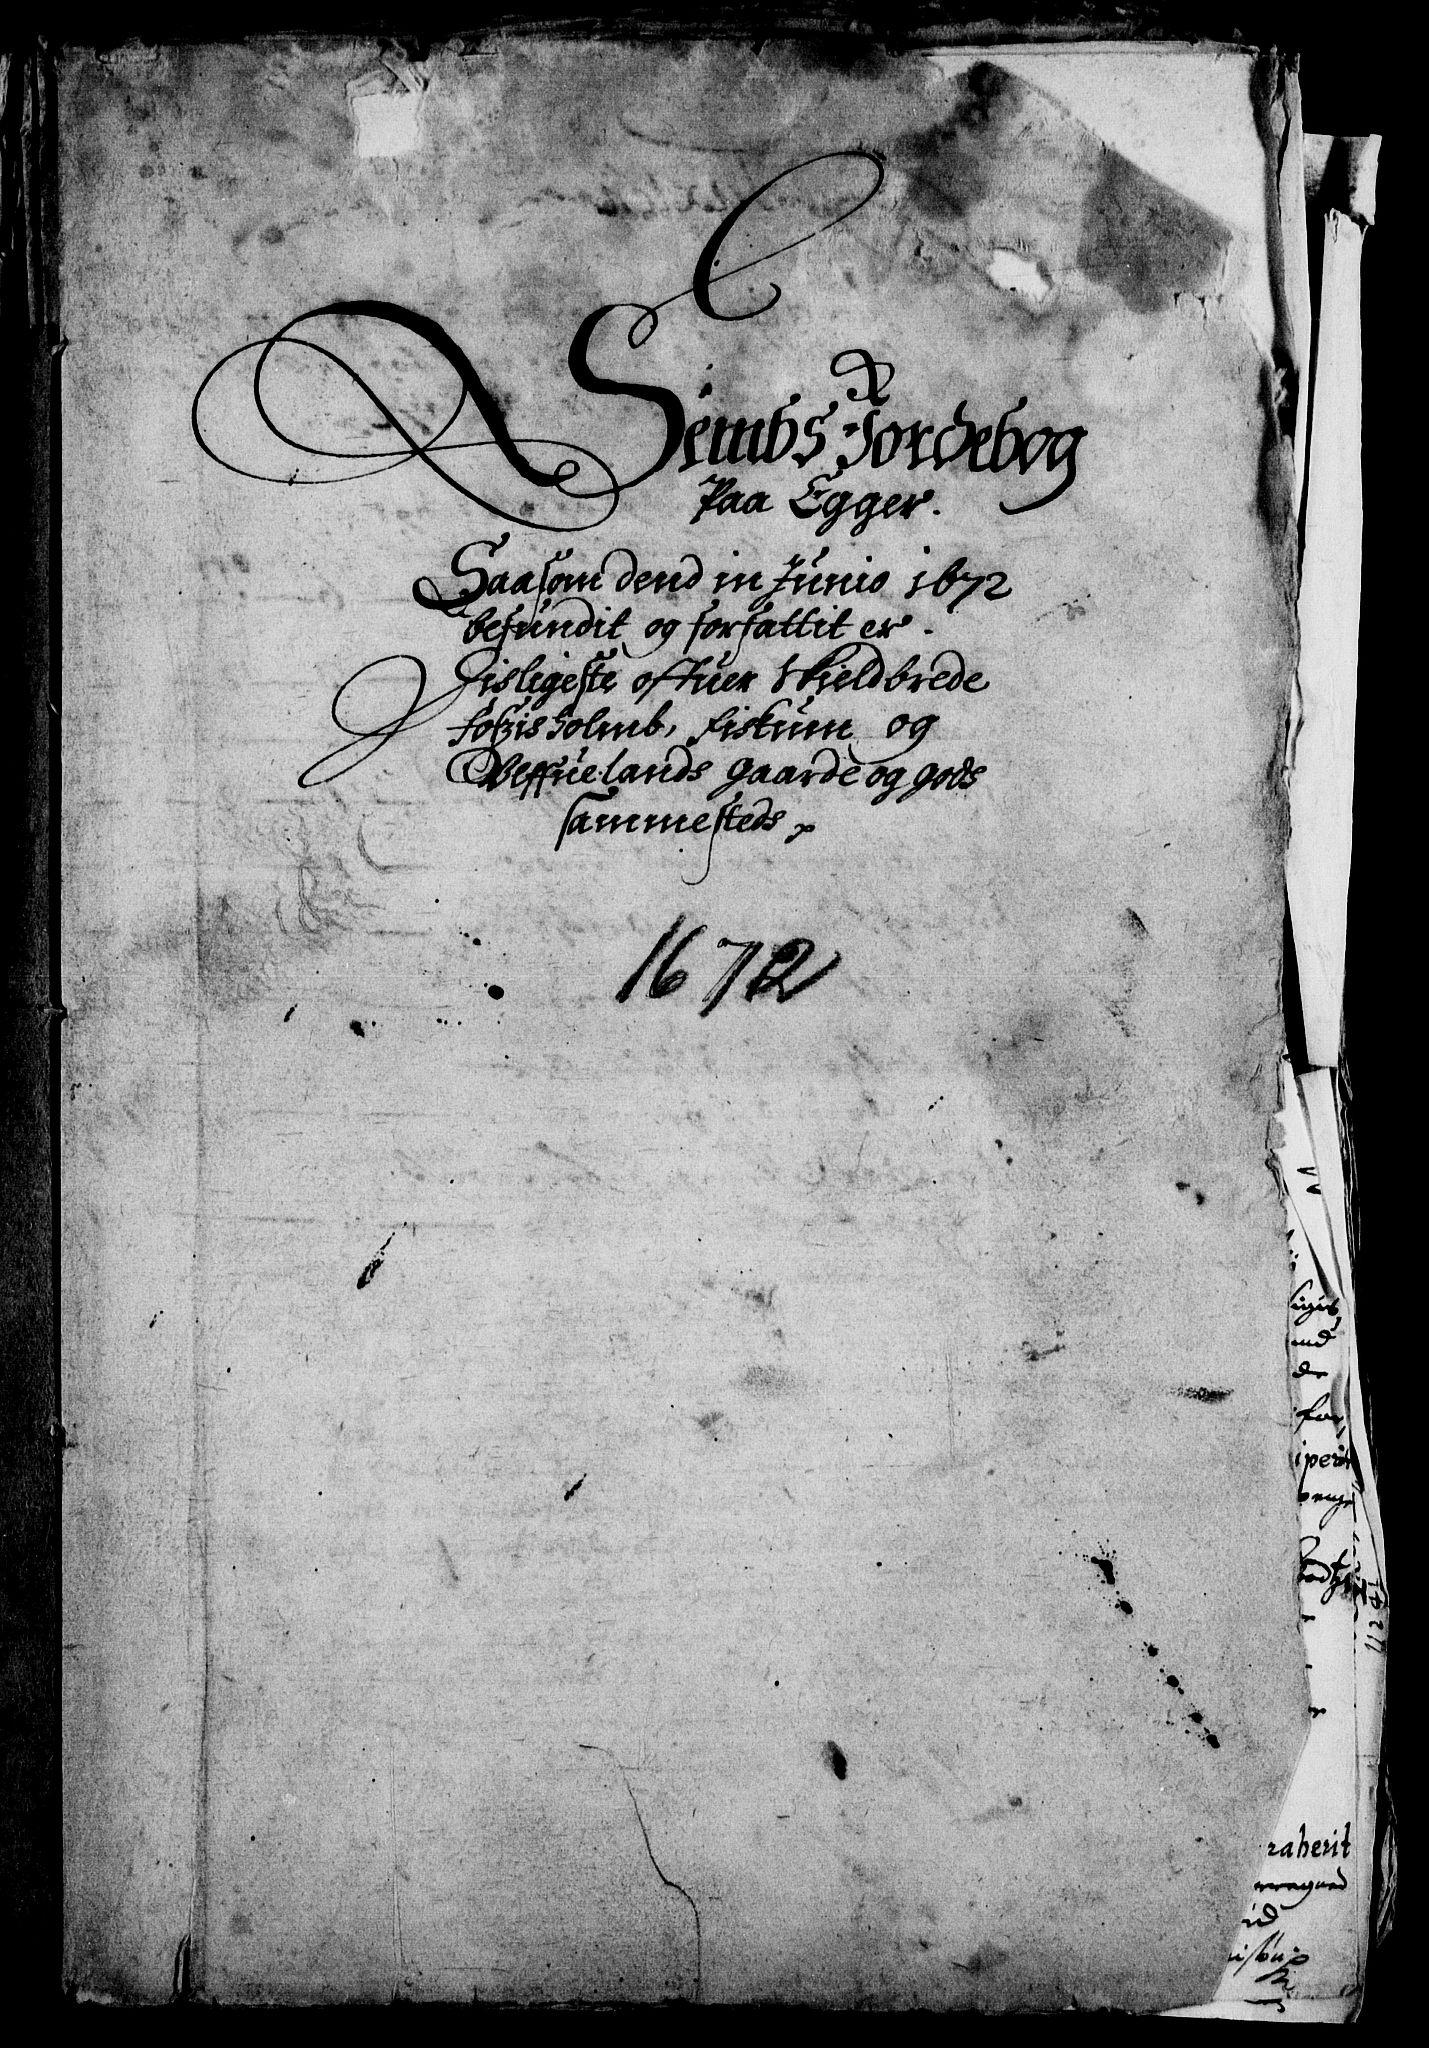 RA, Rentekammeret inntil 1814, Realistisk ordnet avdeling, On/L0008: [Jj 9]: Jordebøker innlevert til kongelig kommisjon 1672: Hammar, Osgård, Sem med Skjelbred, Fossesholm, Fiskum og Ulland (1669-1672), Strøm (1658-u.d. og 1672-73) samt Svanøy gods i Sunnfjord (1657)., 1672, s. 92